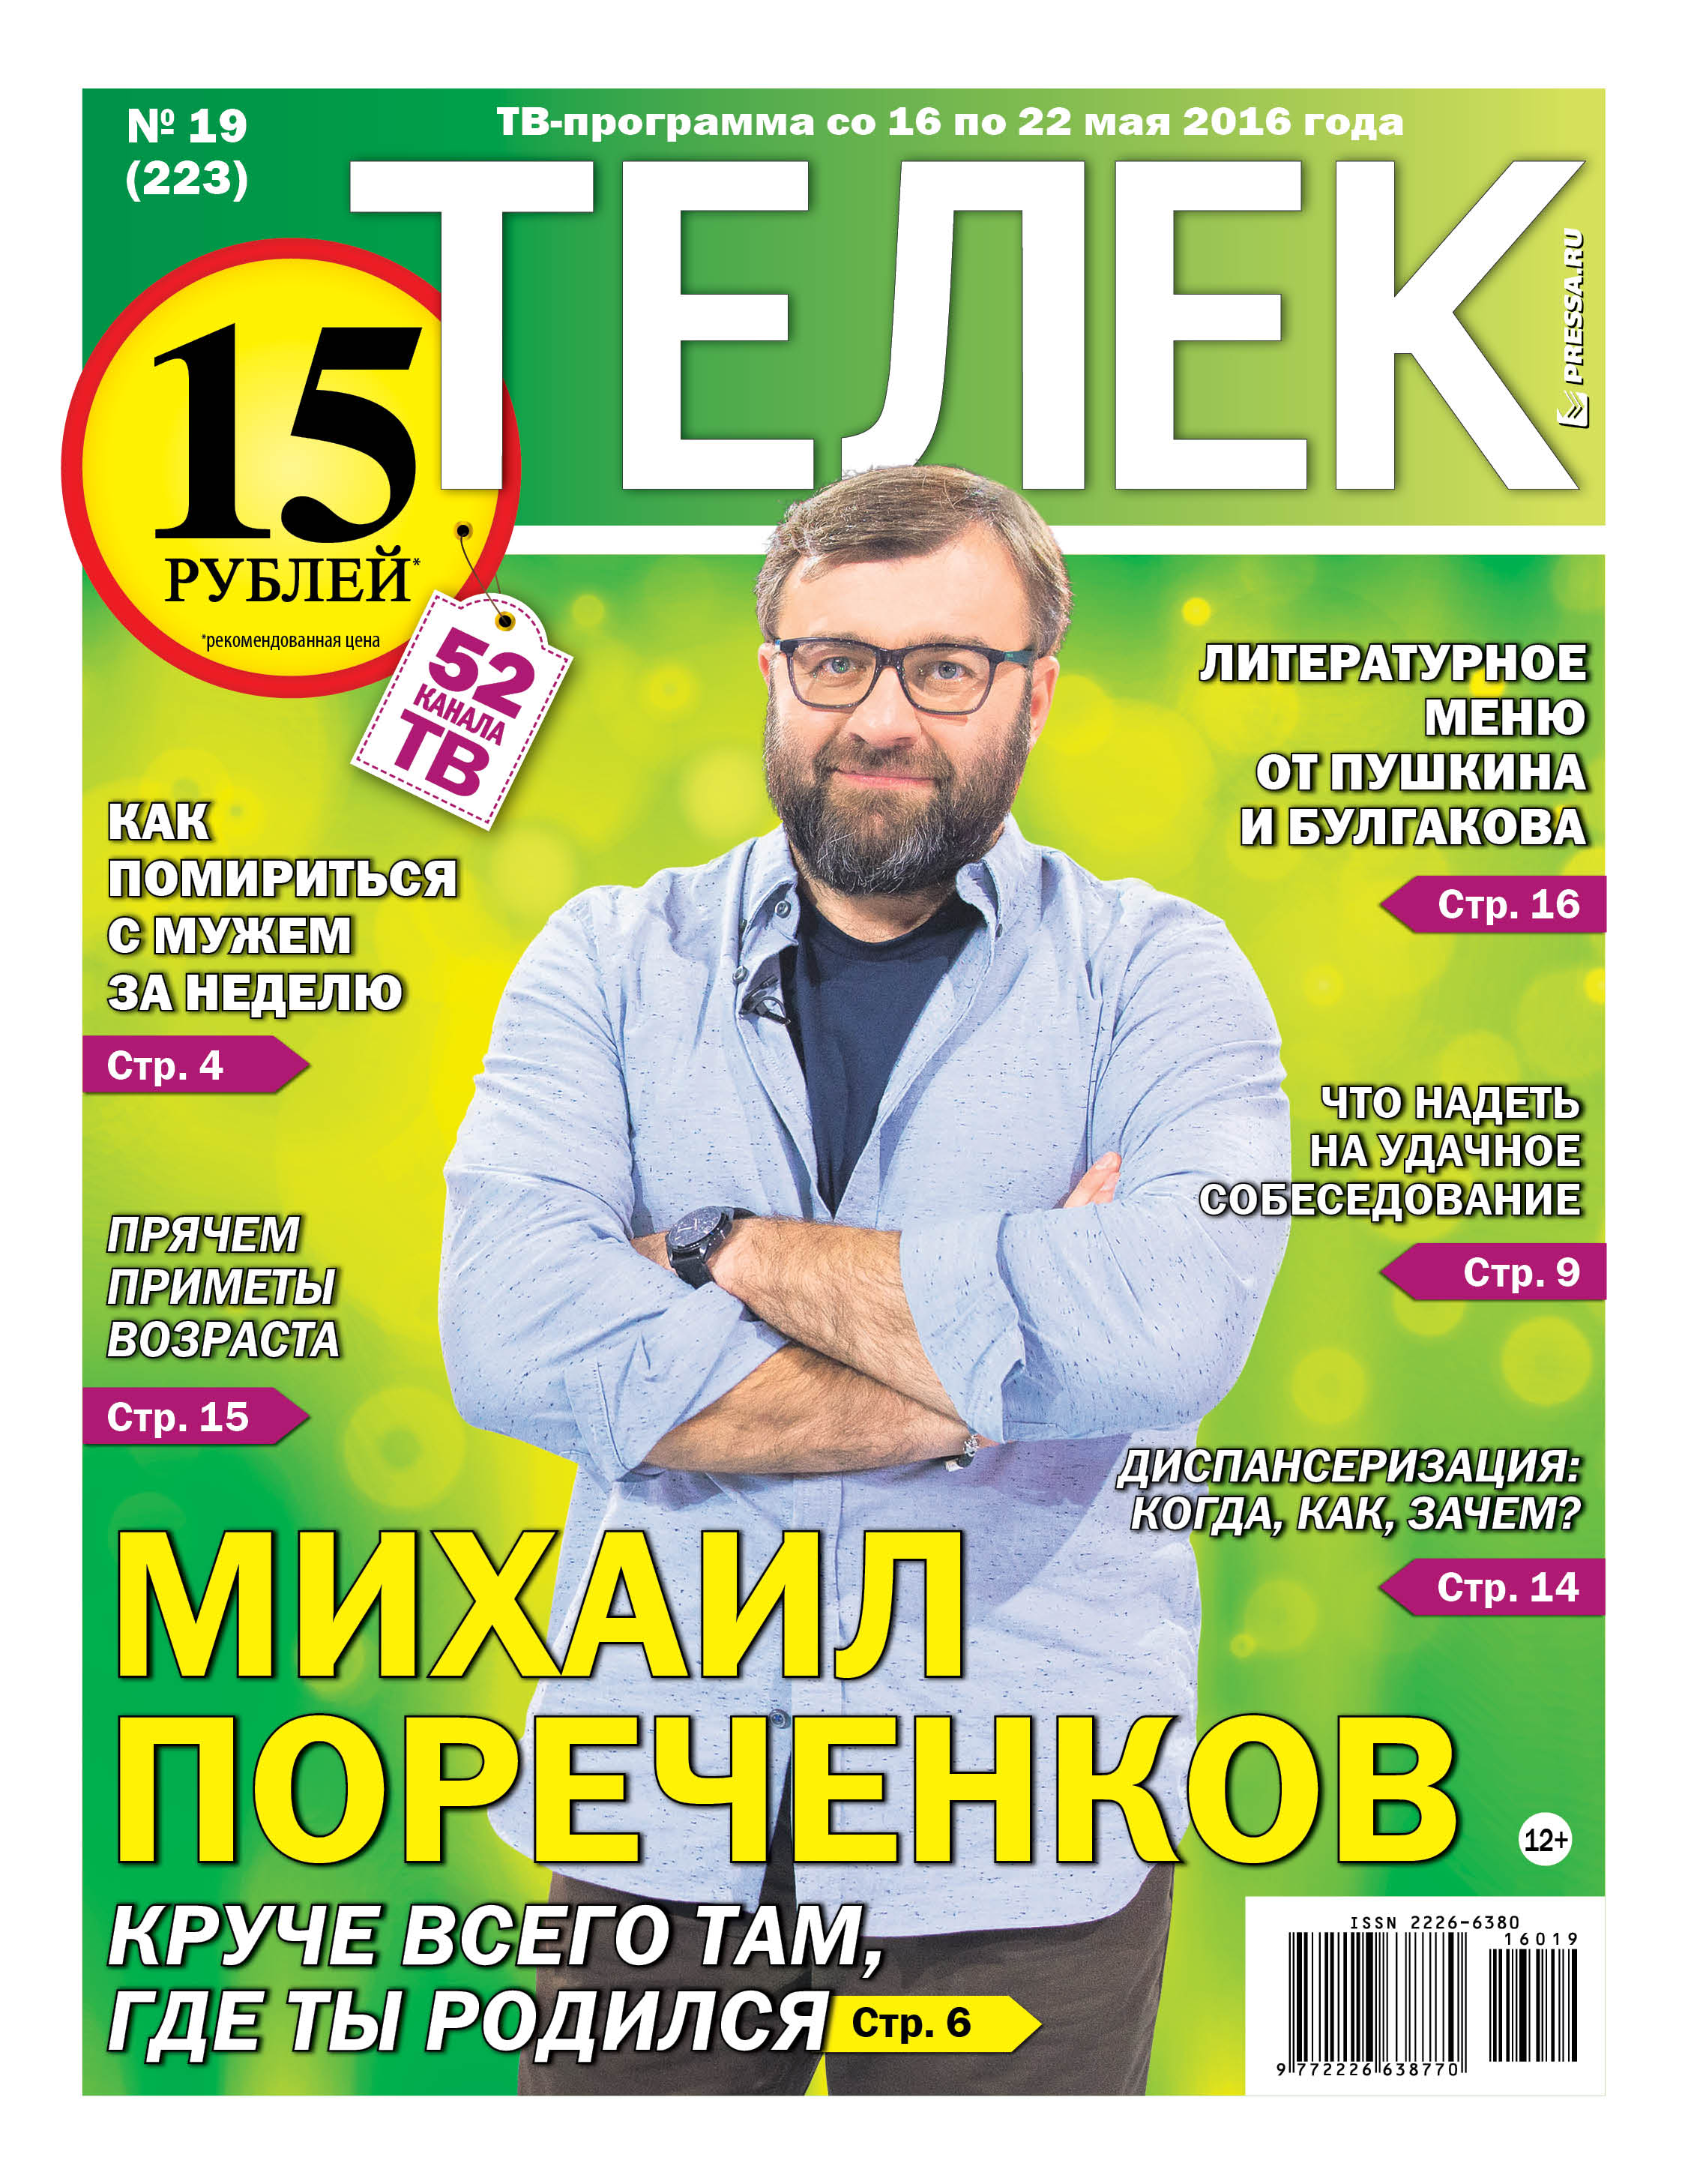 №19 (223) Михаил Пореченков